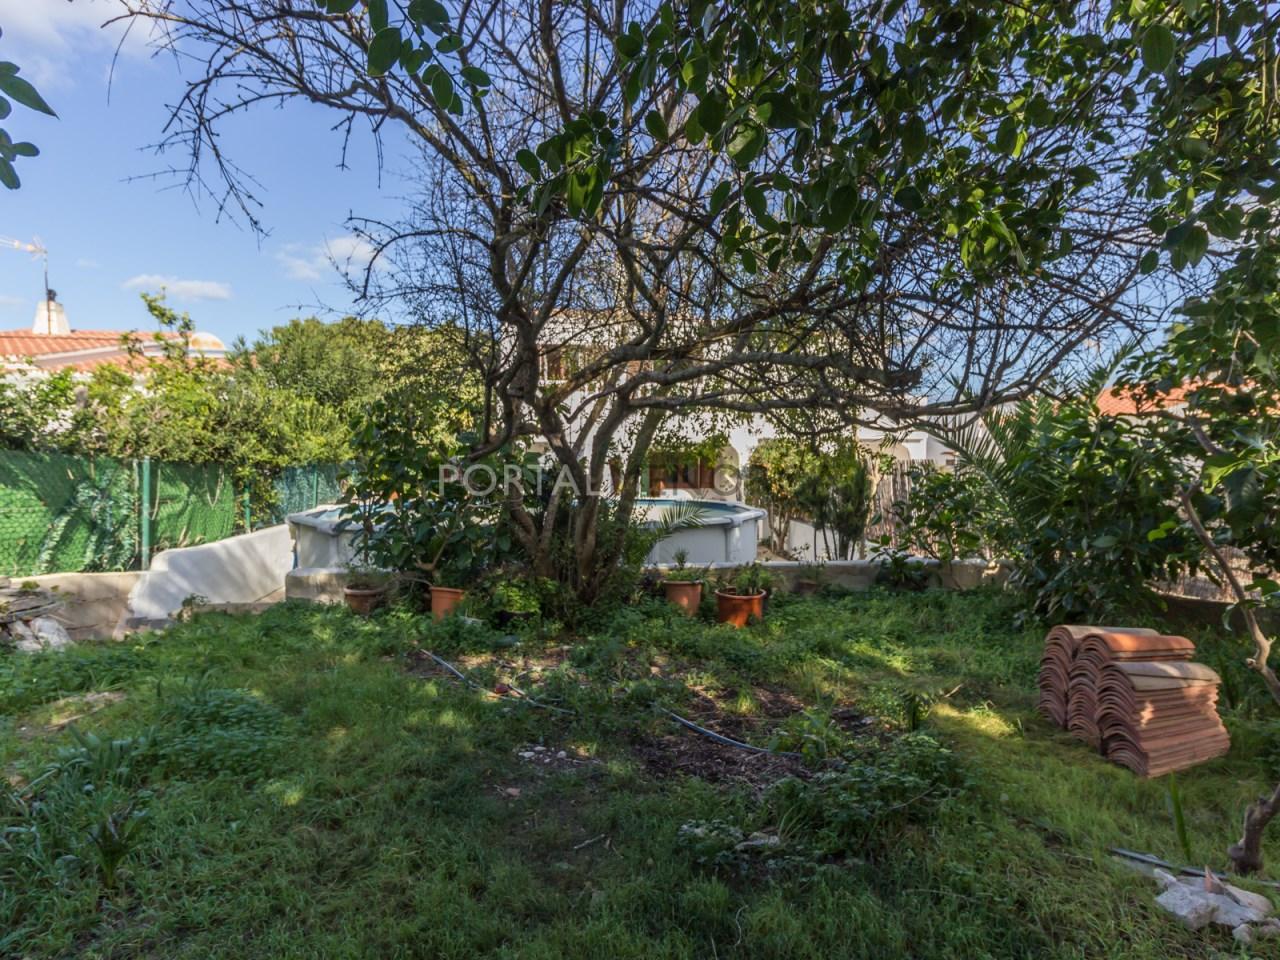 chalet con terreno en venta en Addaya Menorca (19 de 19)